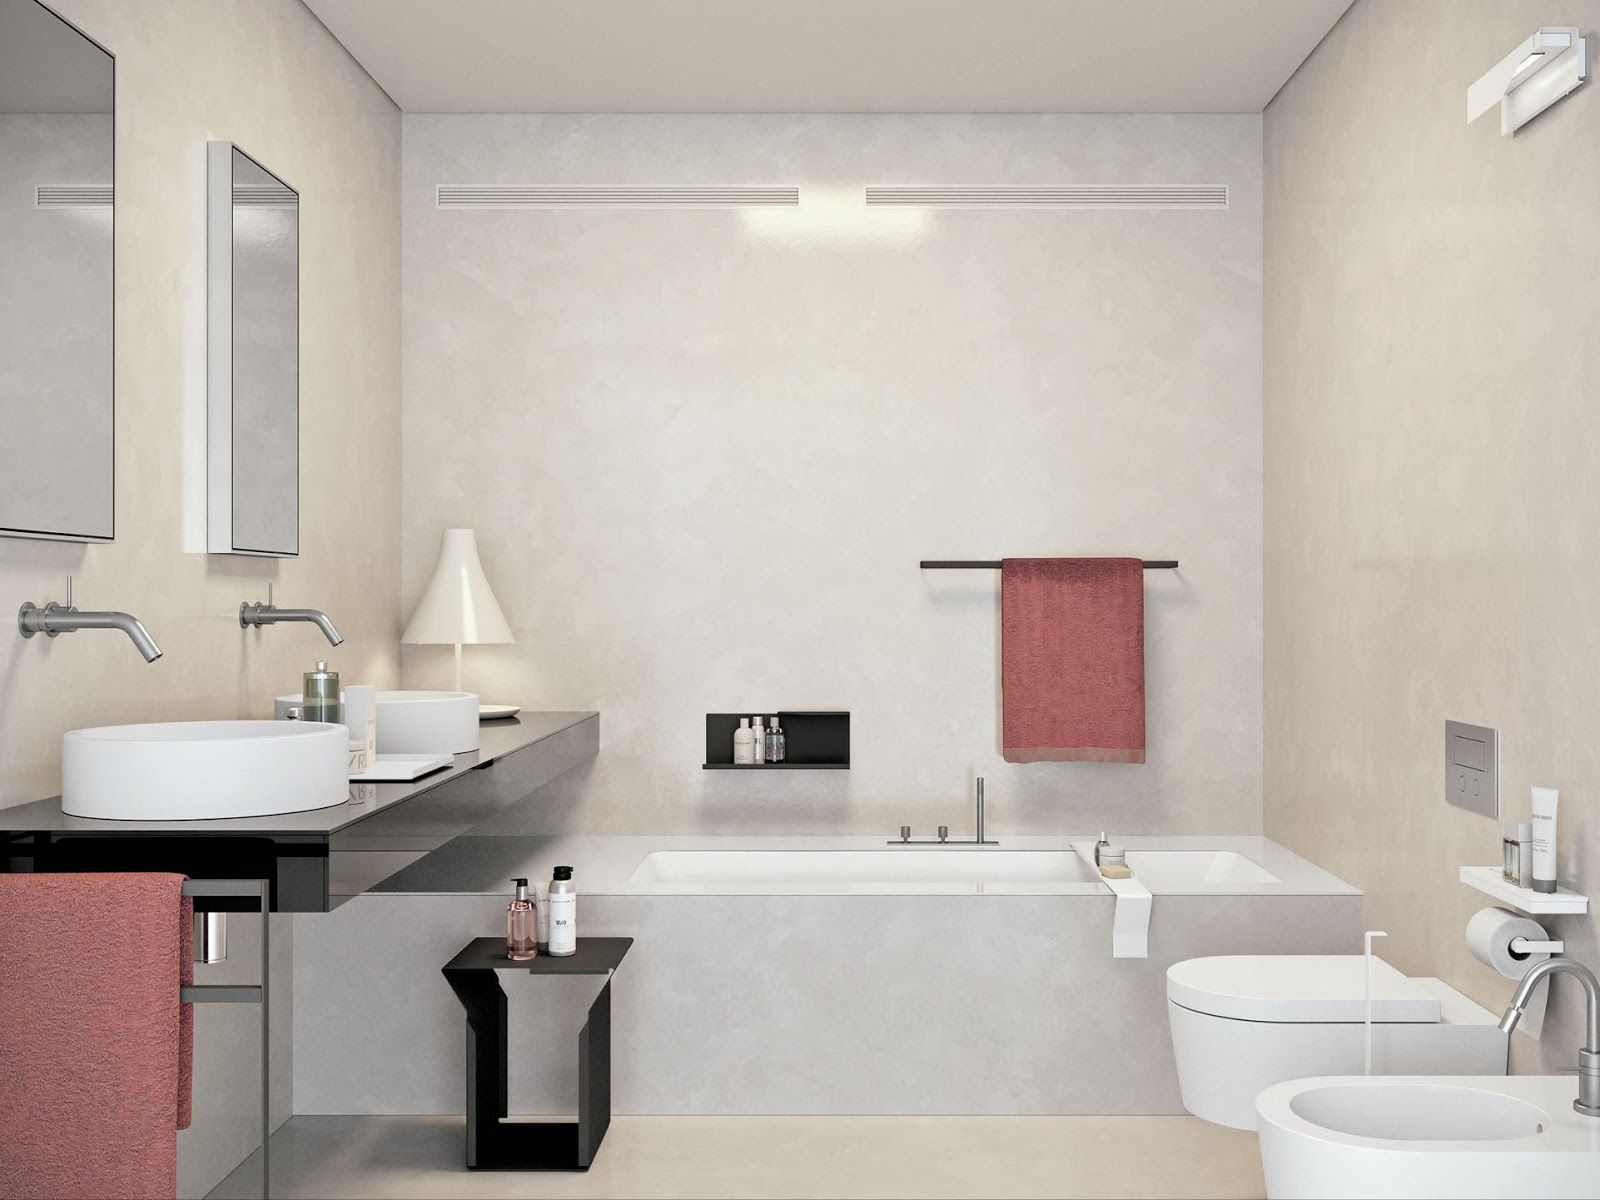 50 desain interior kamar mandi kecil sederhana - kamar mandi adalah